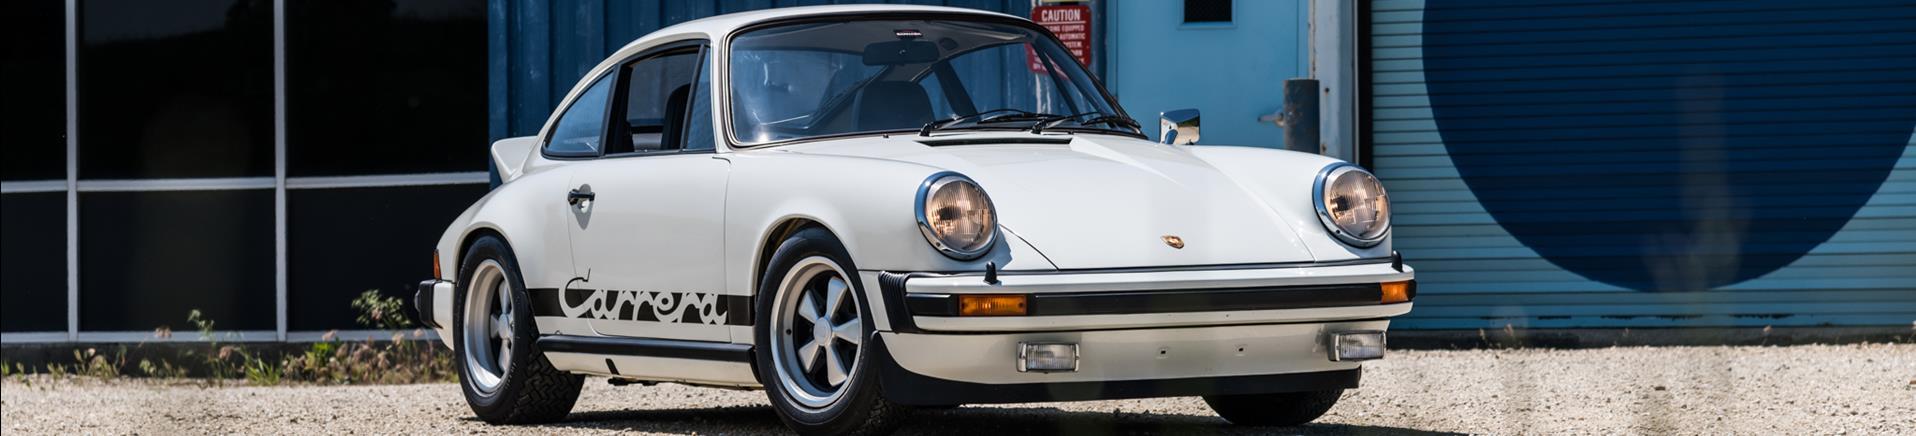 Porsche Service Center in Batavia , IL